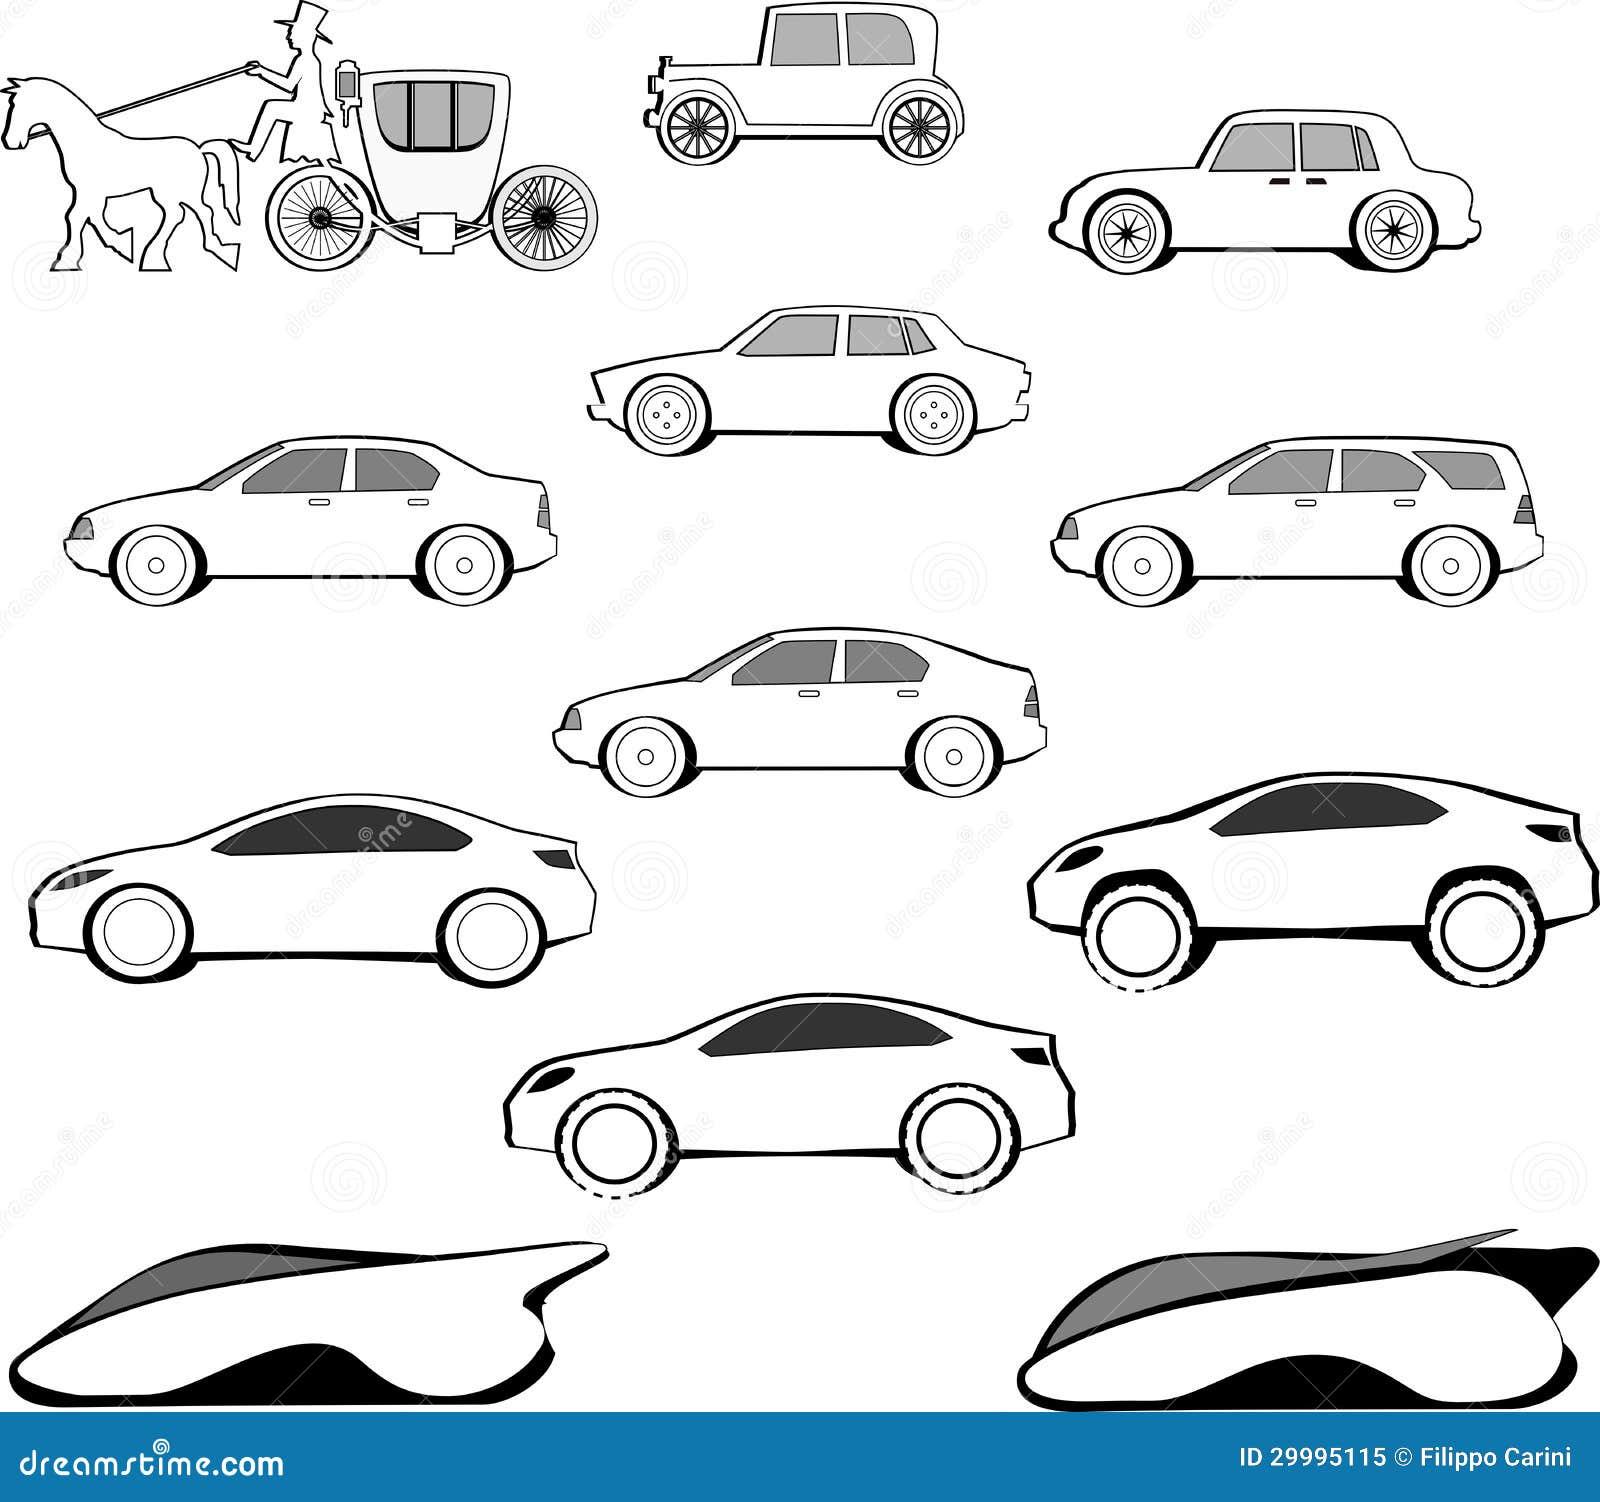 jahrhundert auto entwicklung lizenzfreies stockfoto bild 29995115. Black Bedroom Furniture Sets. Home Design Ideas